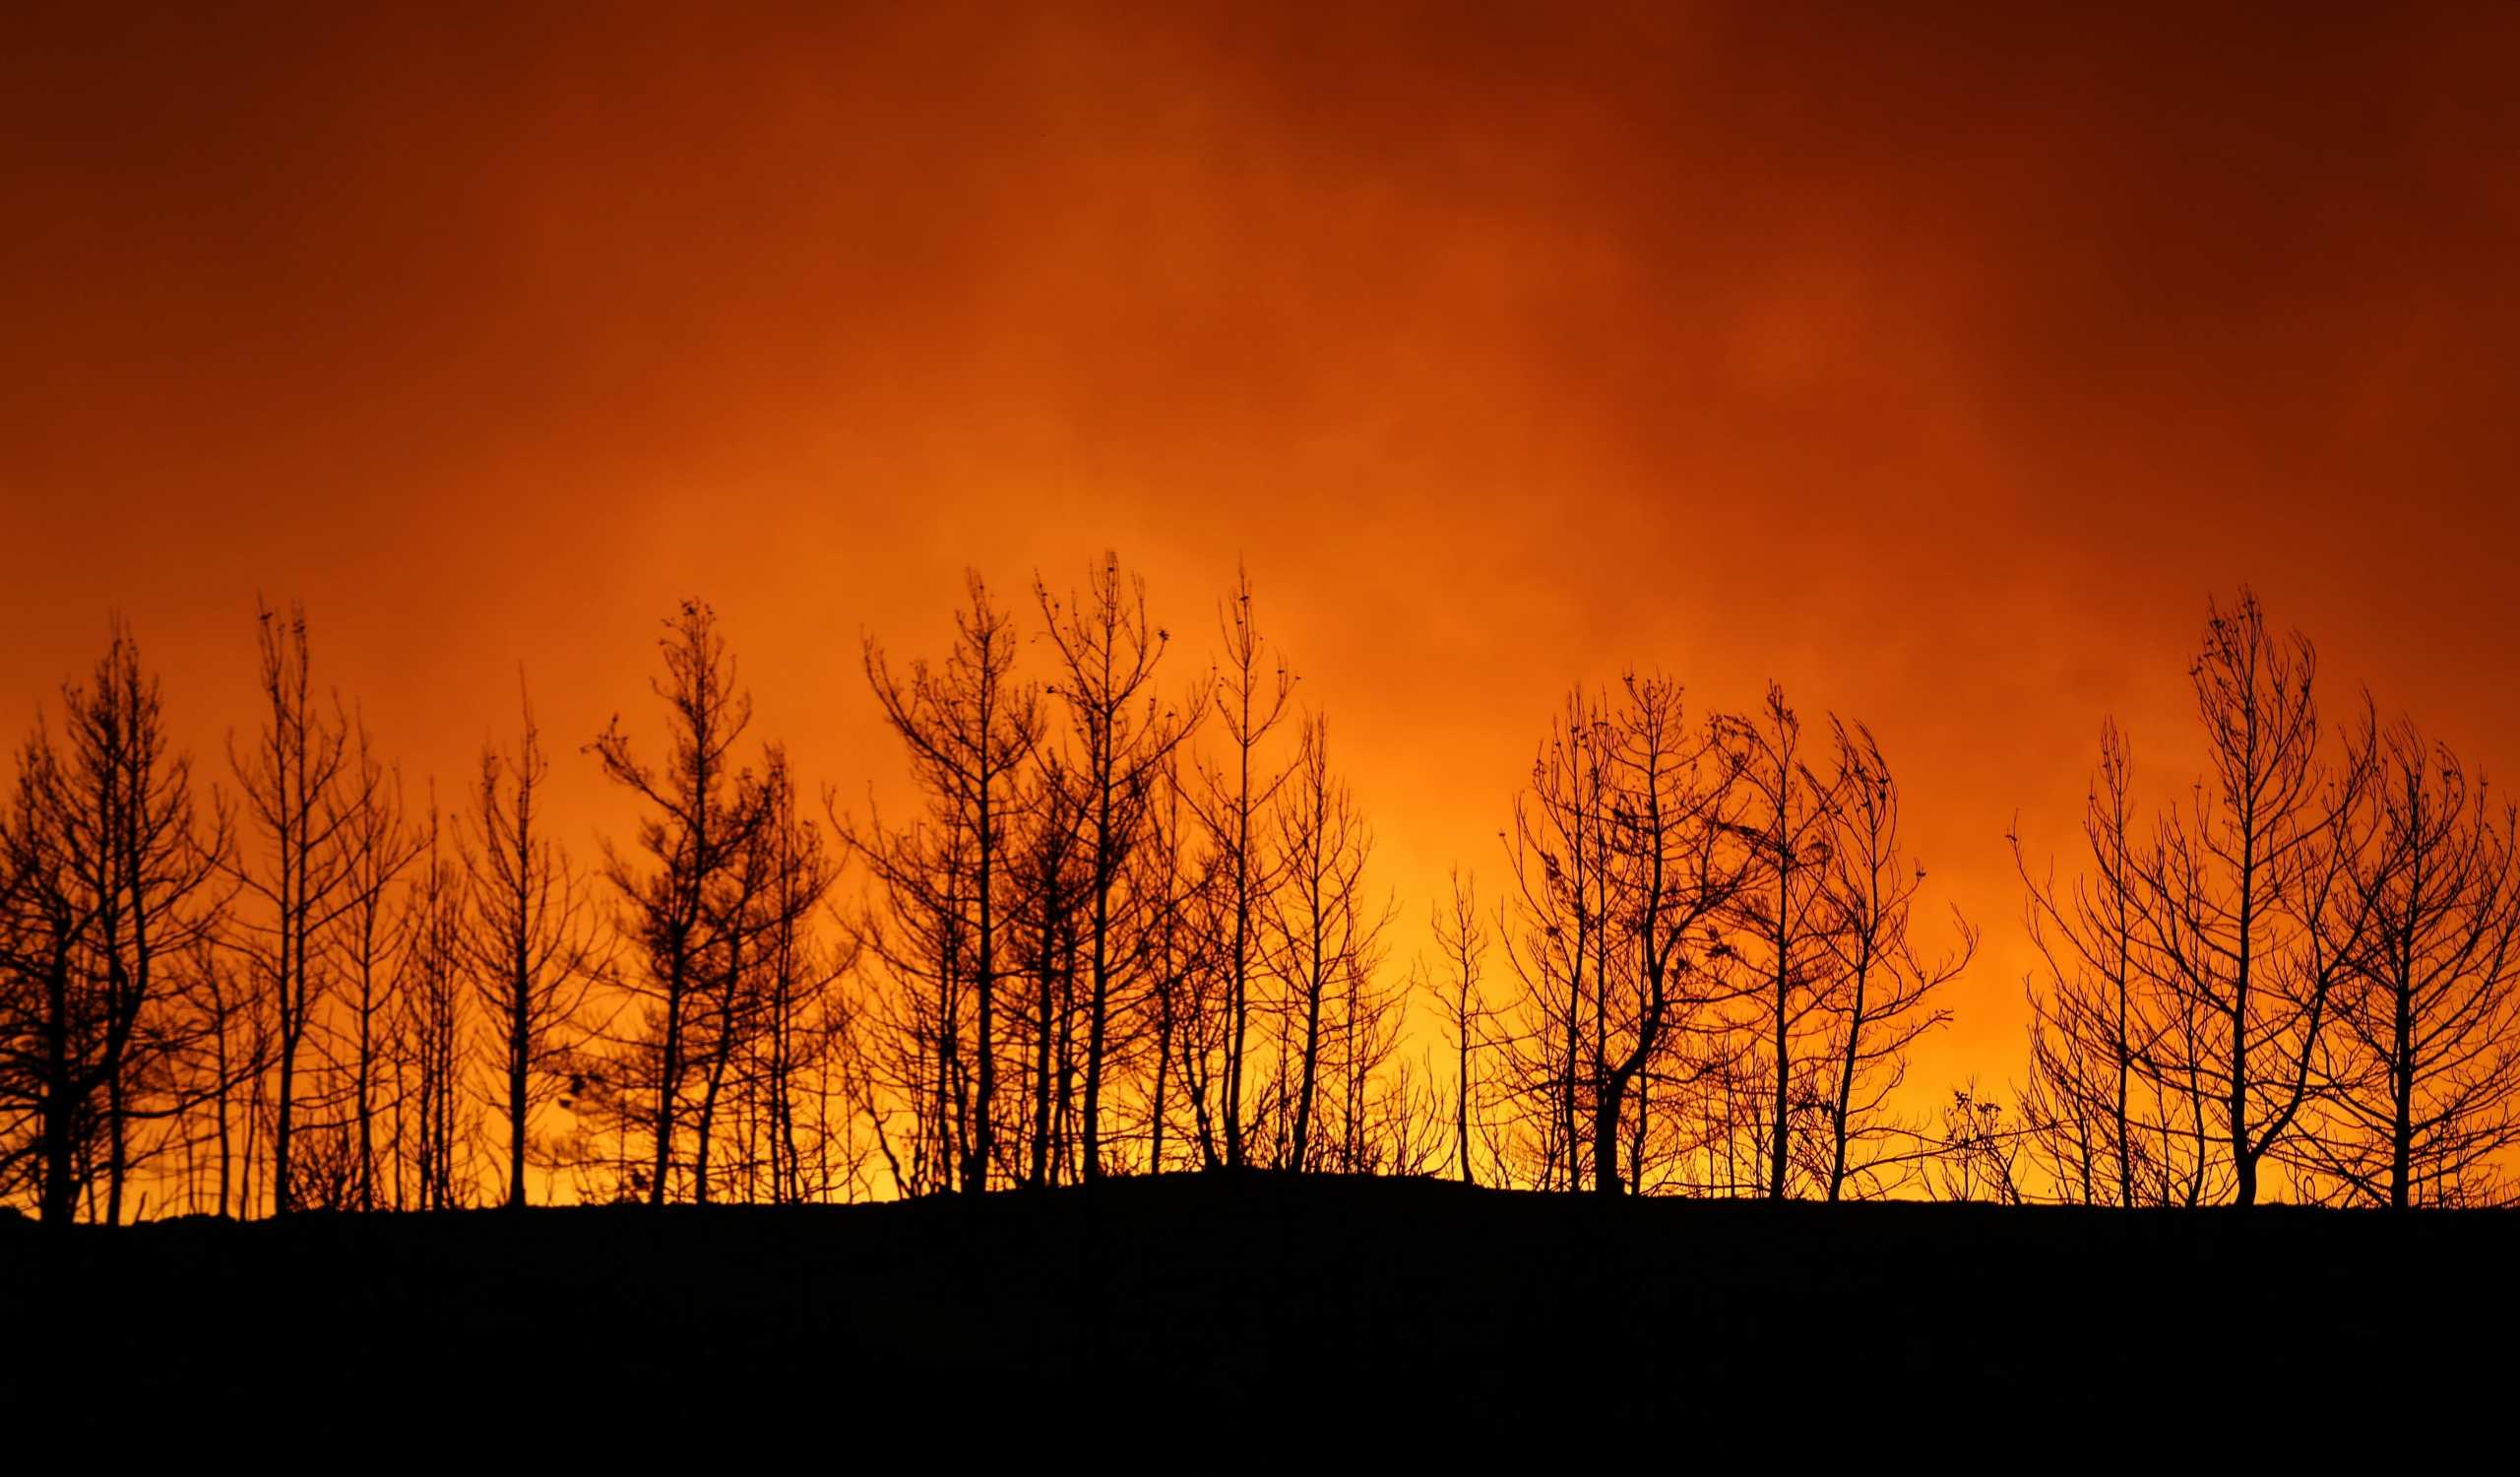 Αντιναύαρχος για τις πυρκαγιές στην Τουρκία: Είμαστε αντιμέτωποι με την τρομοκρατία της Ελλάδας και του PKK